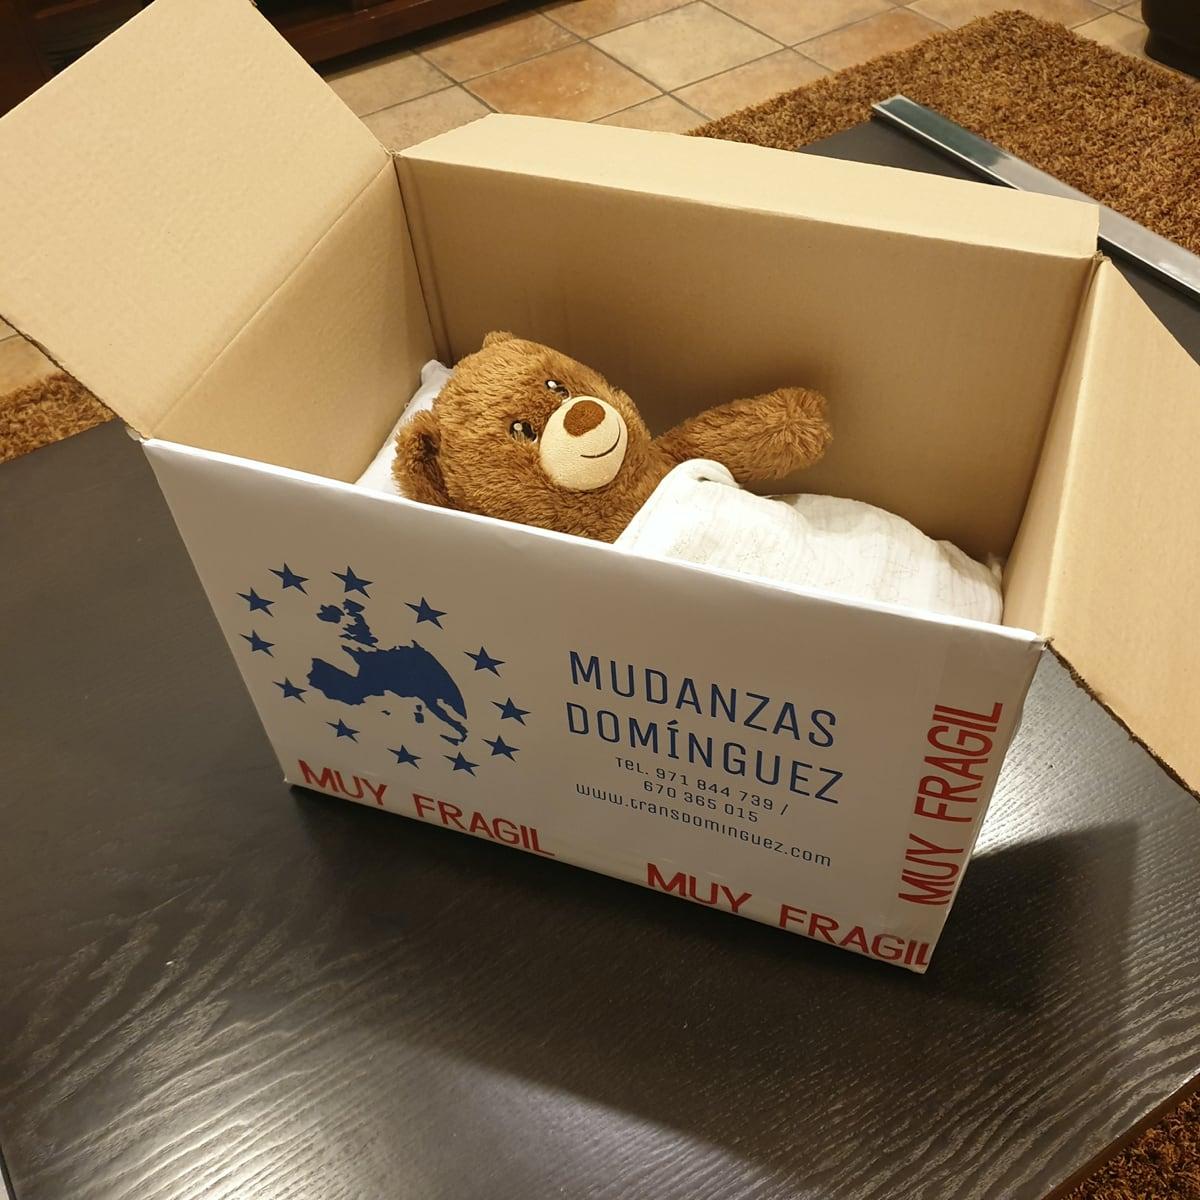 Mudanzas y transportes en Mallorca TransDomínguez - Caja de cartón con enseres personales